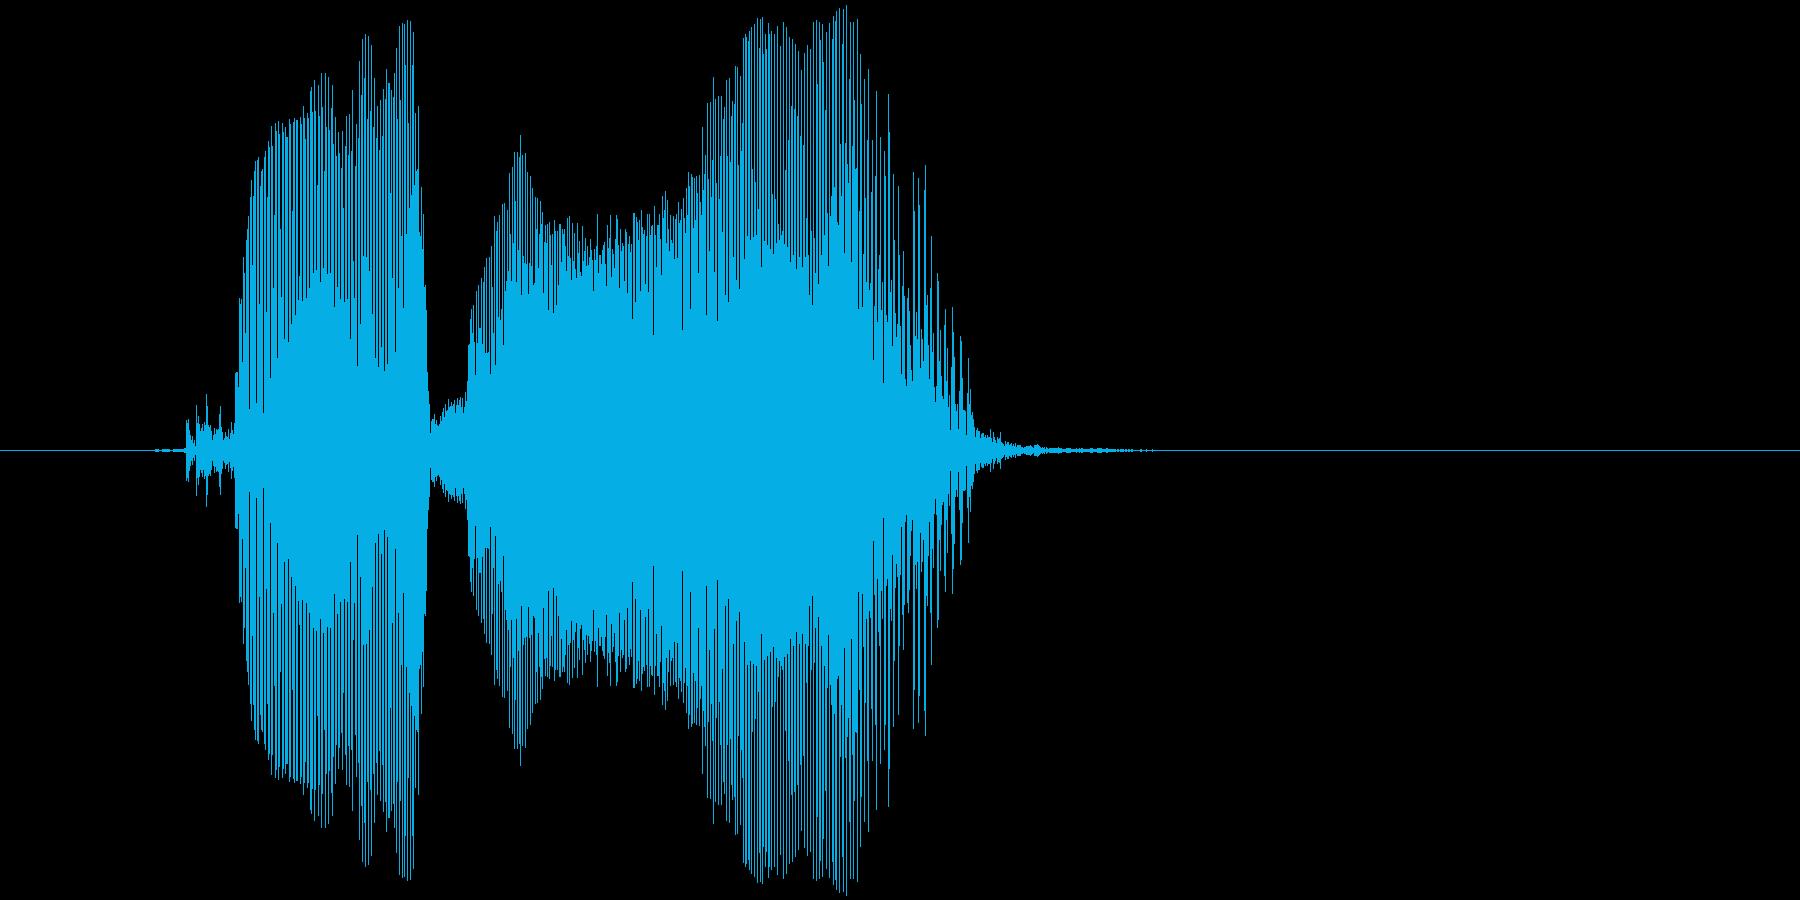 「こらー」の再生済みの波形